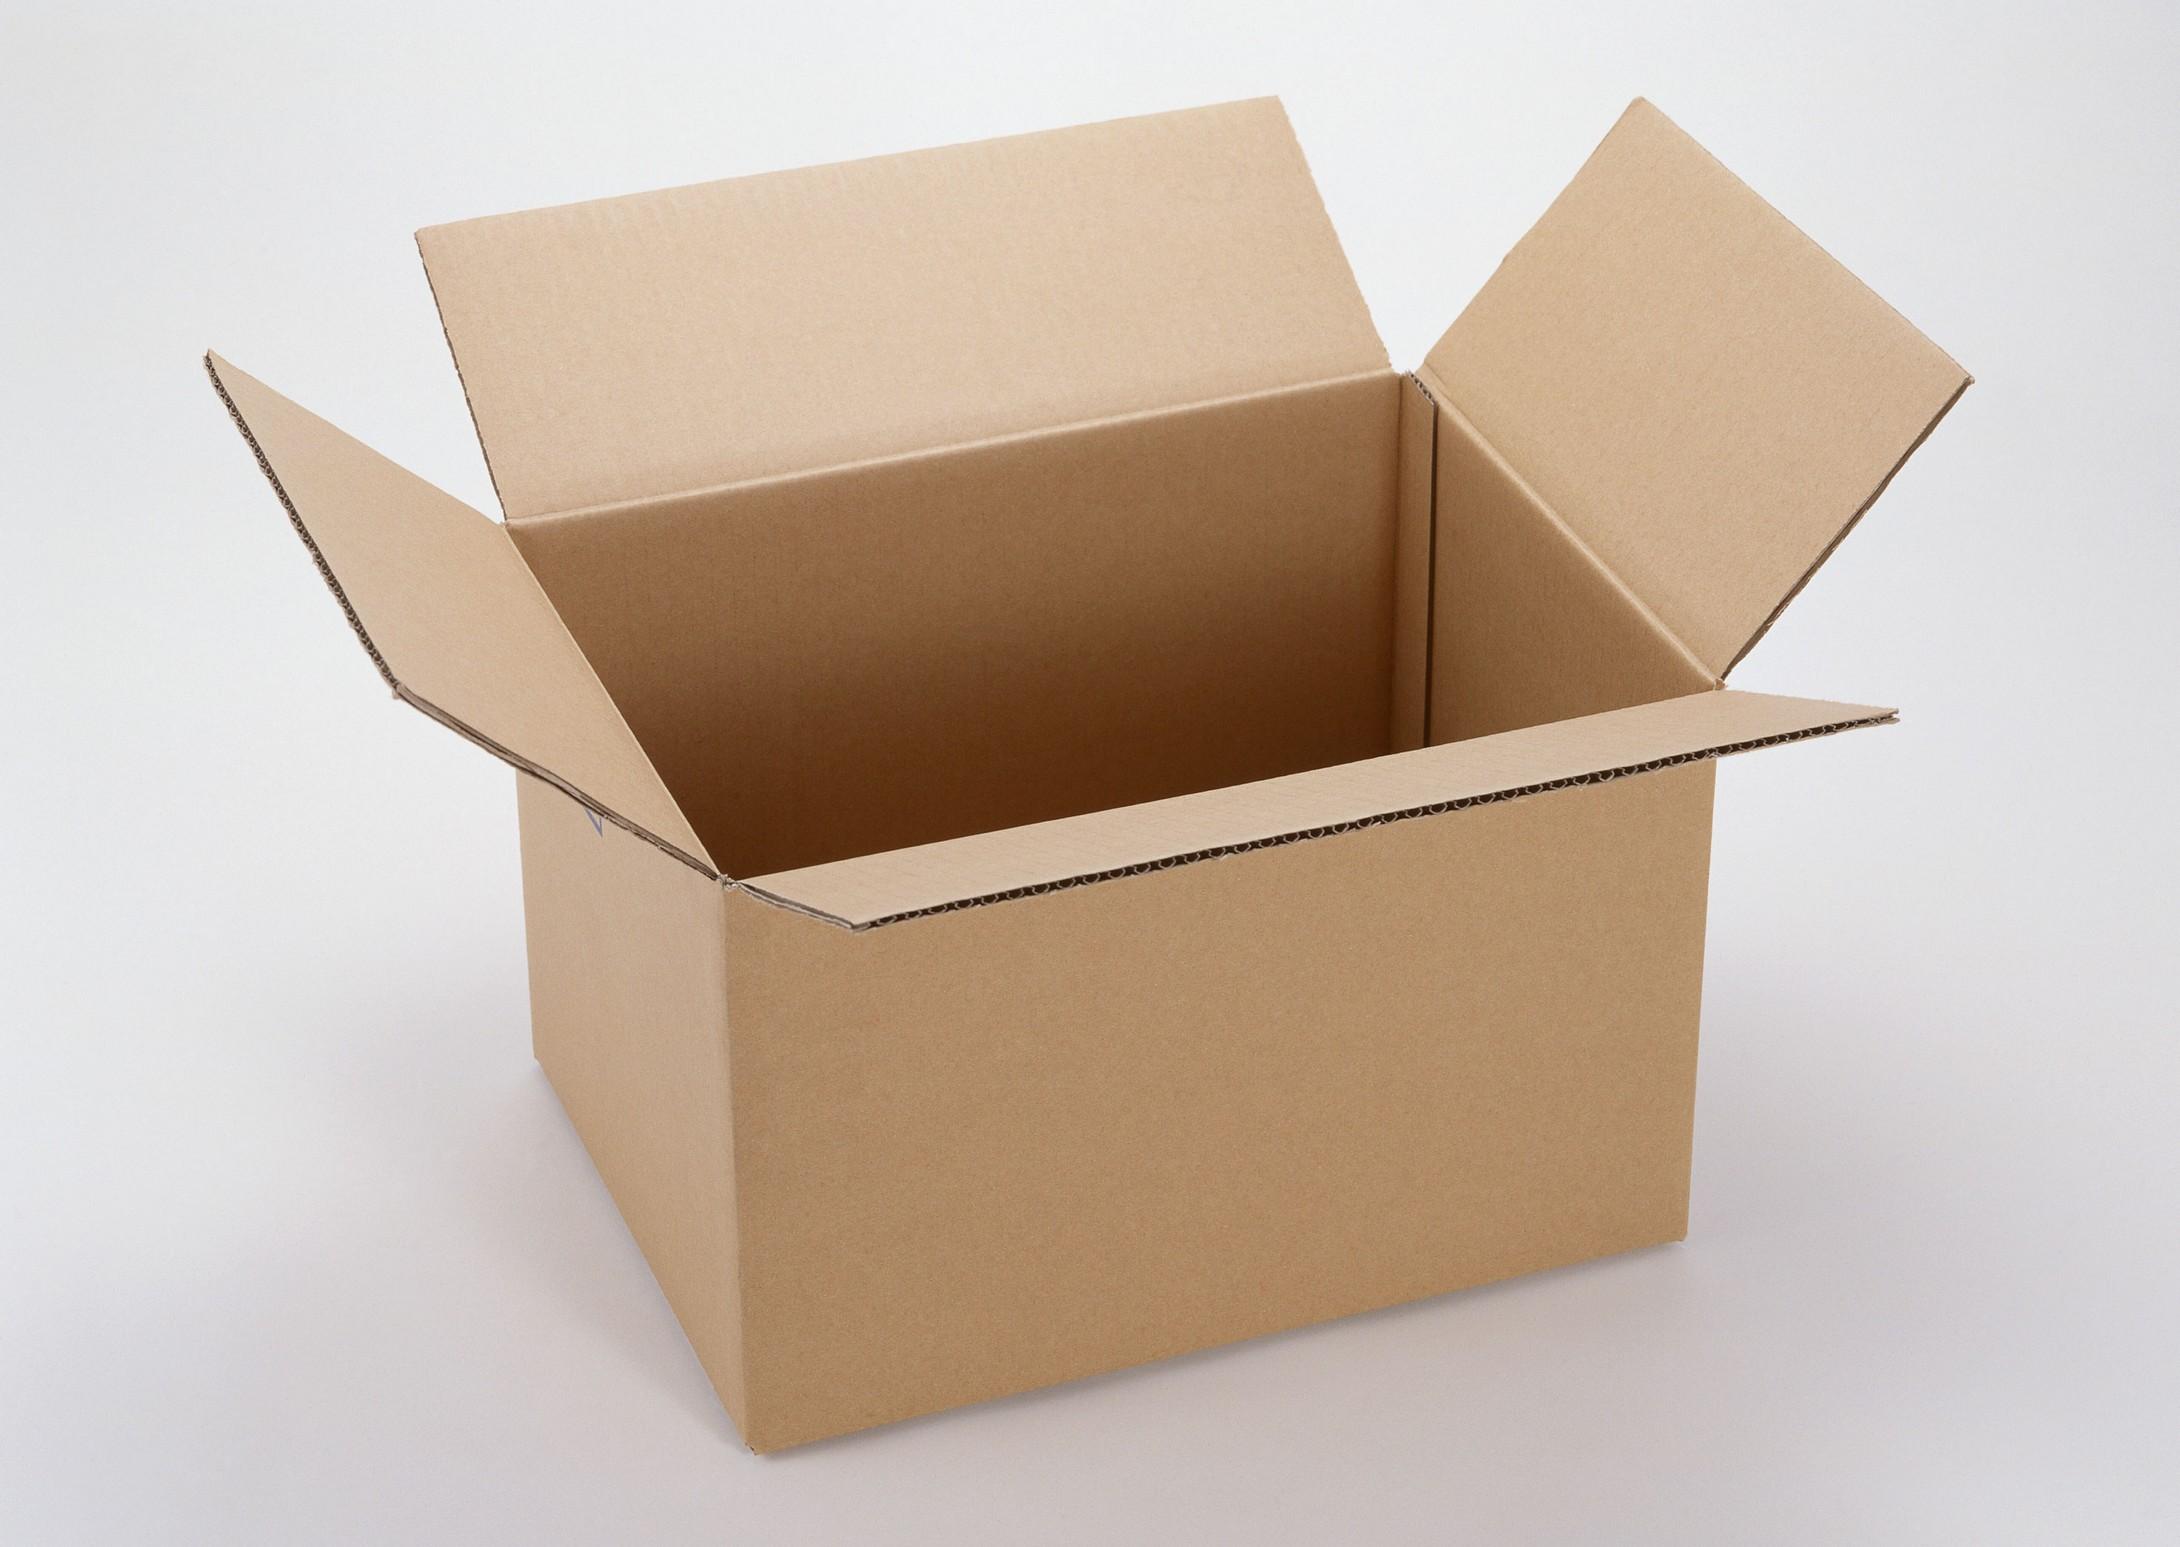 哈尔滨哪里卖淘宝纸箱批发_手提袋印刷产品分类